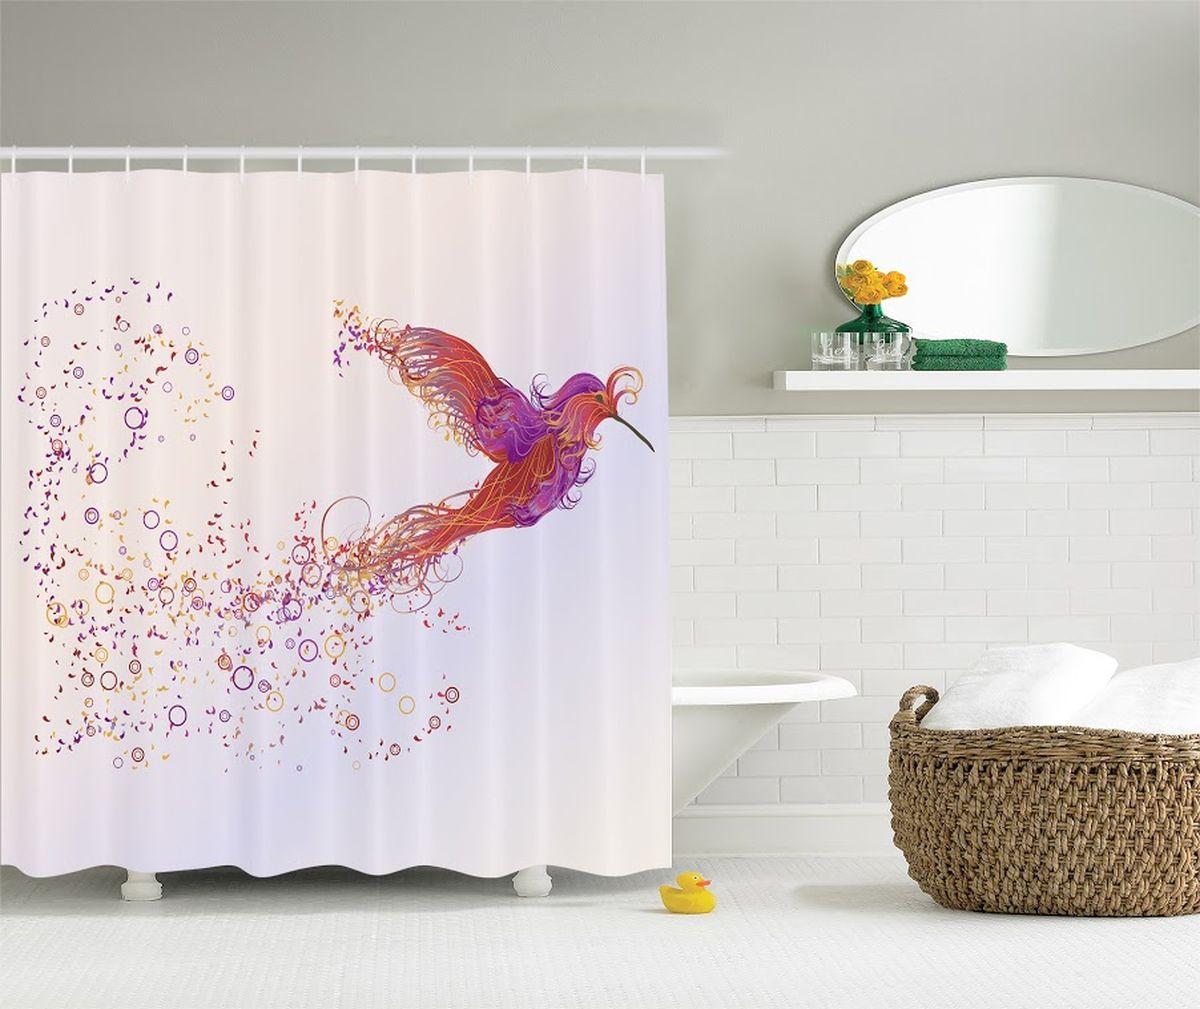 Штора для ванной комнаты Magic Lady Птица счастья, 180 х 200 см штора для ванной комнаты magic lady планеты  180 х 200 см